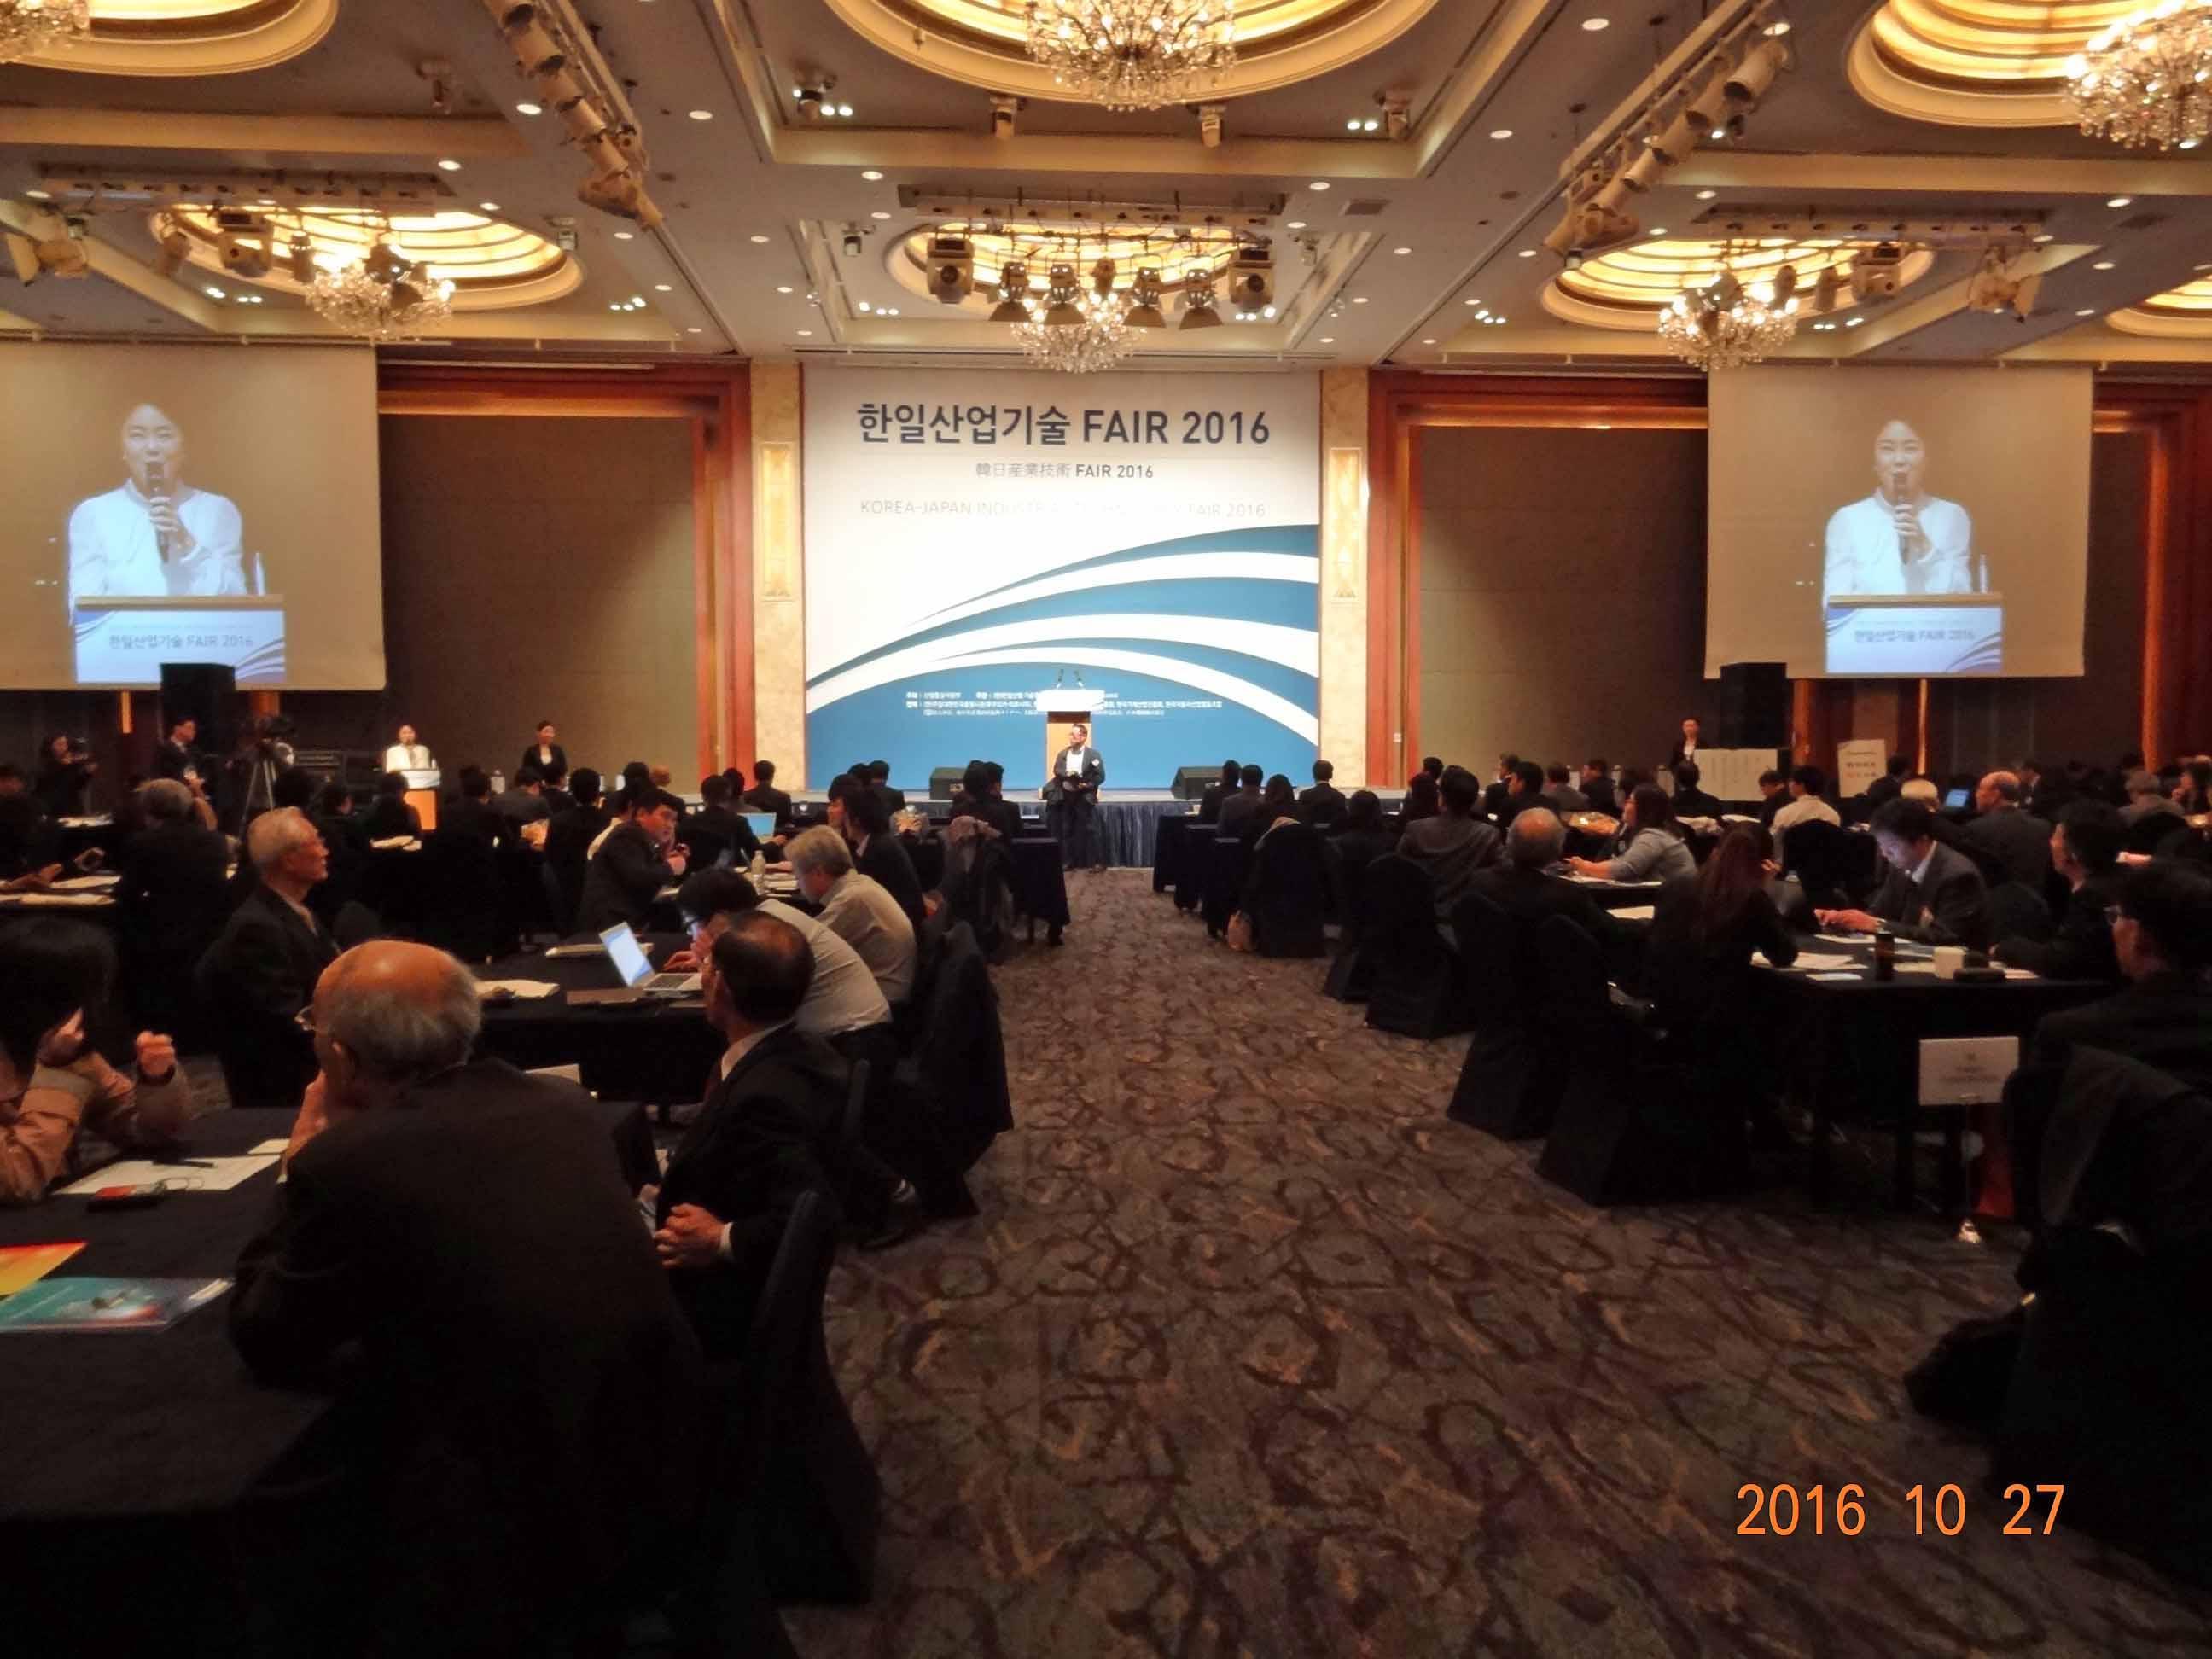 日韓産業技術フェア2016開会式